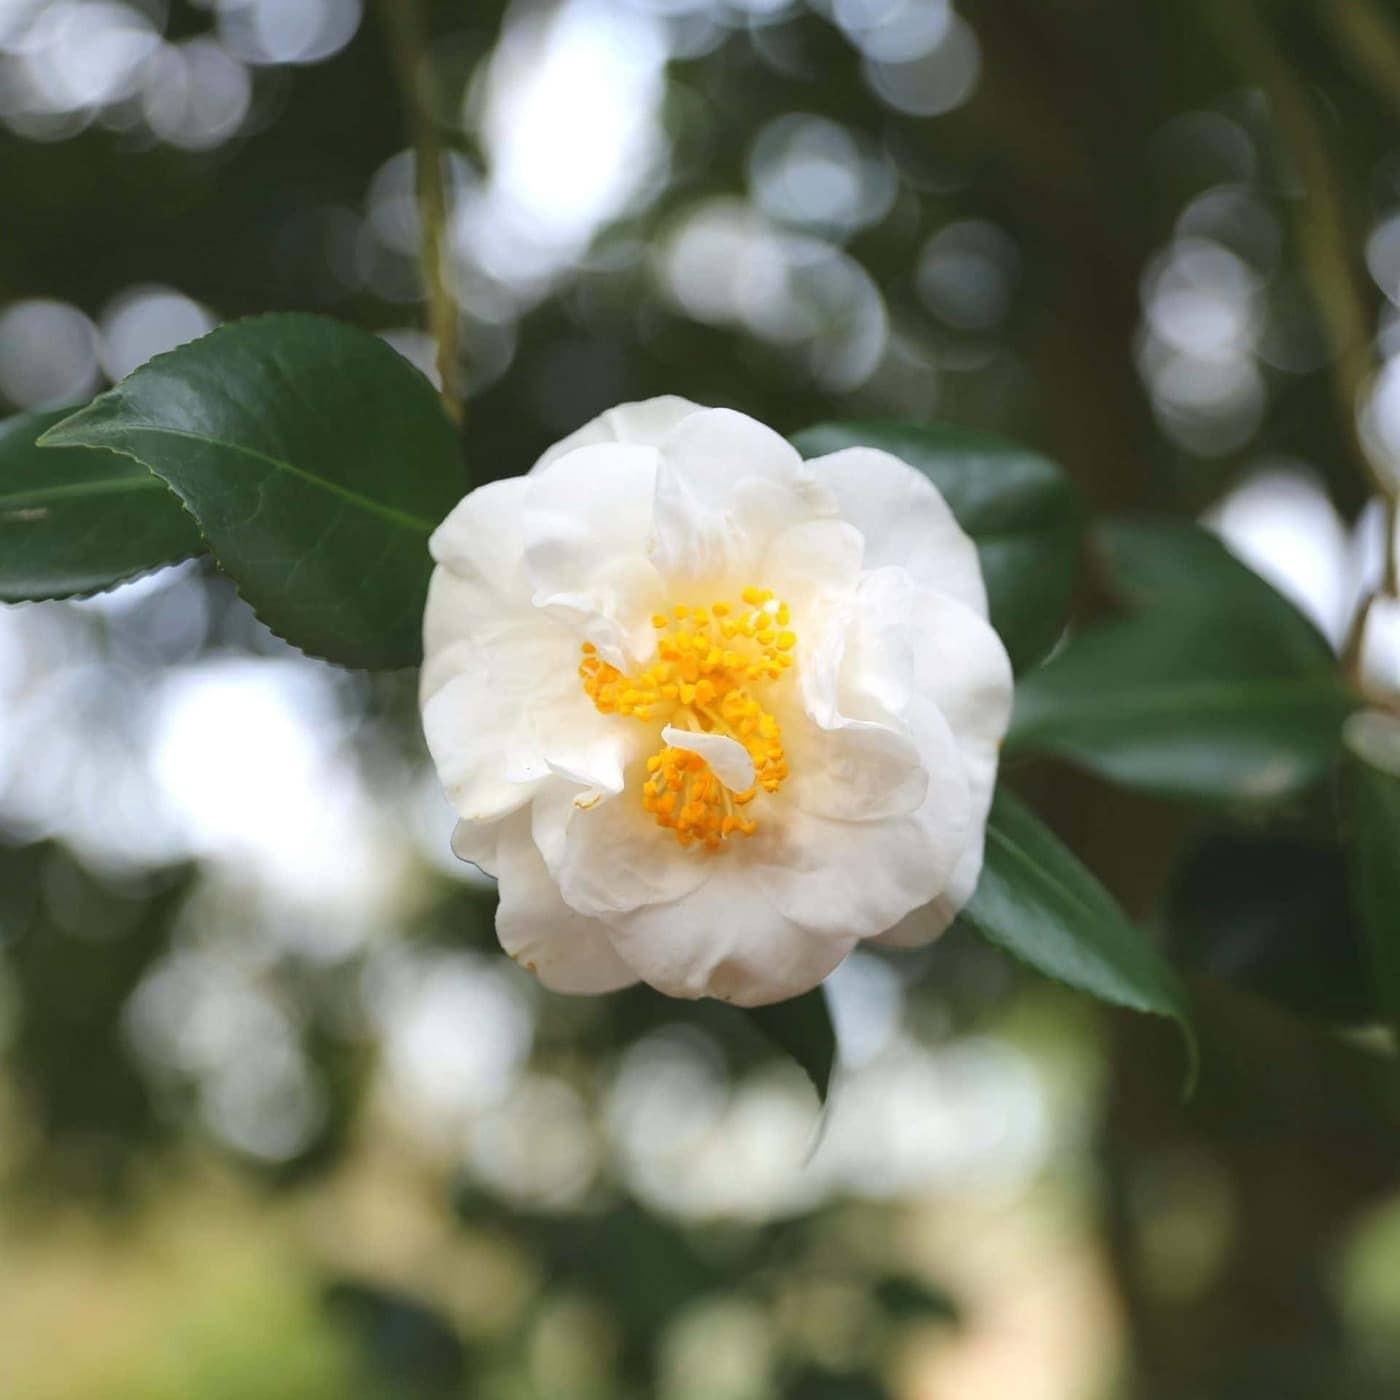 Camellia japonica 'Hakurakuten' winter flowering camellias